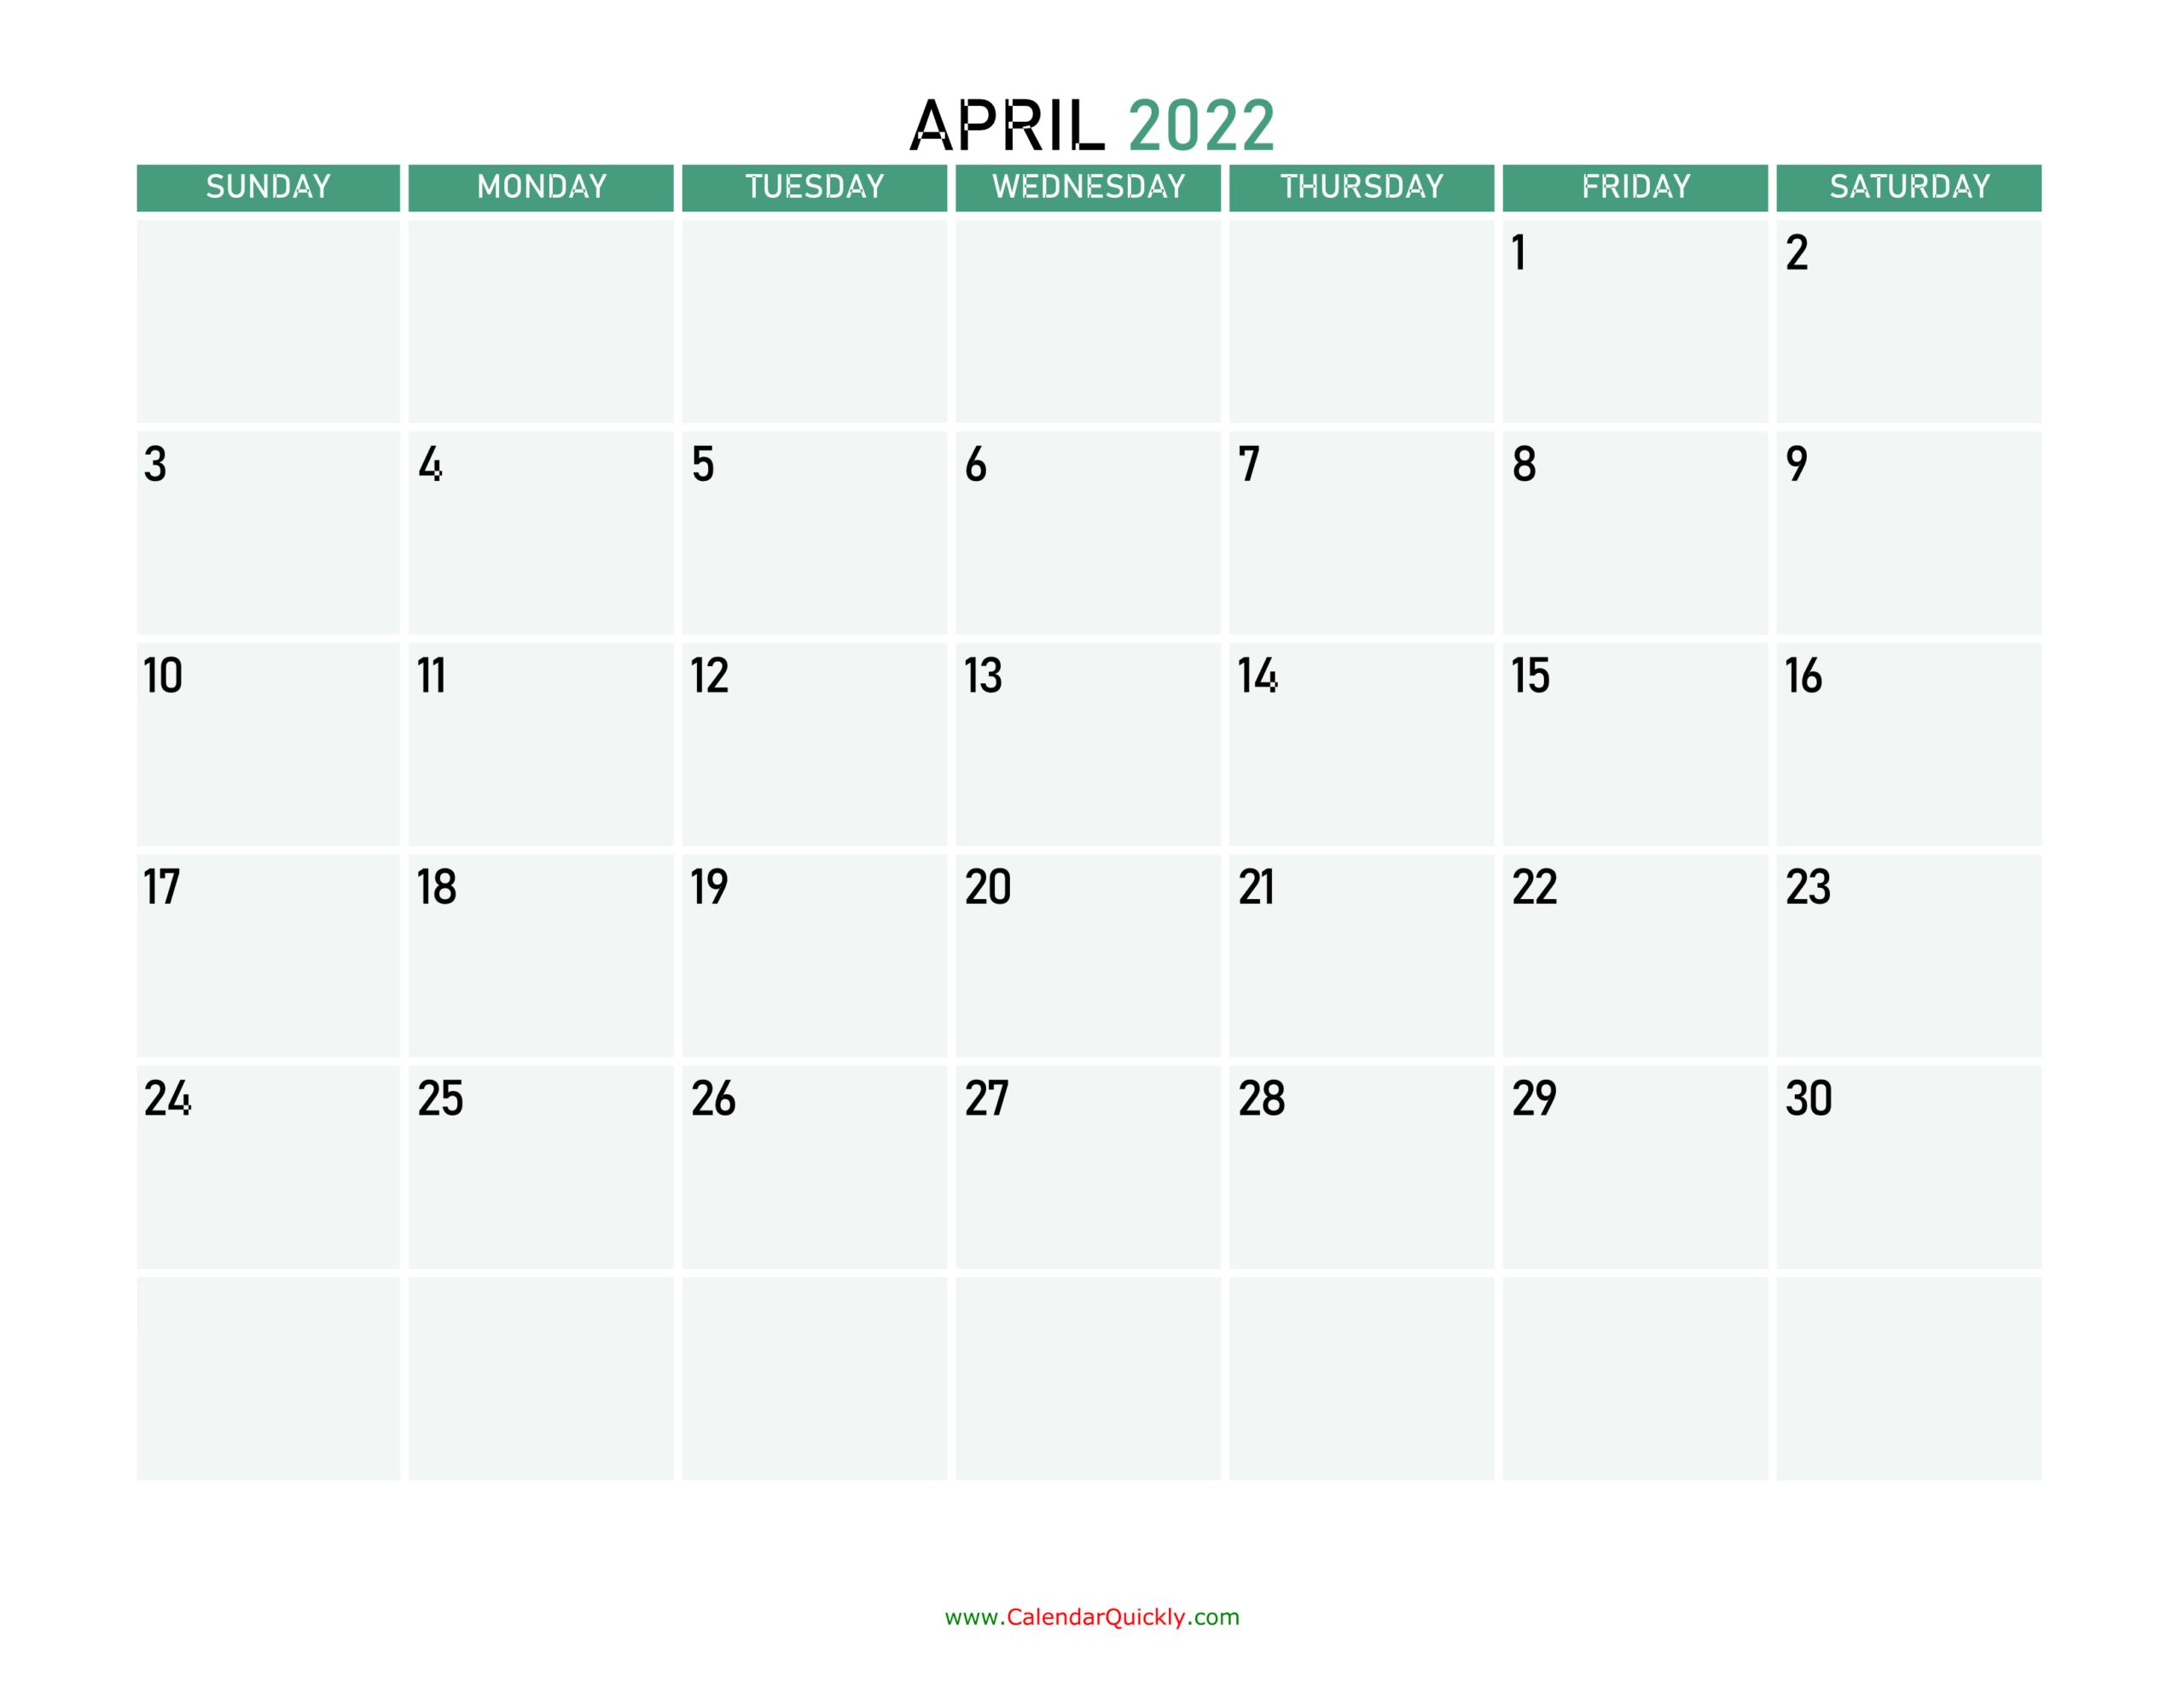 April 2022 Calendars | Calendar Quickly inside April Calendar 2022 Images Graphics